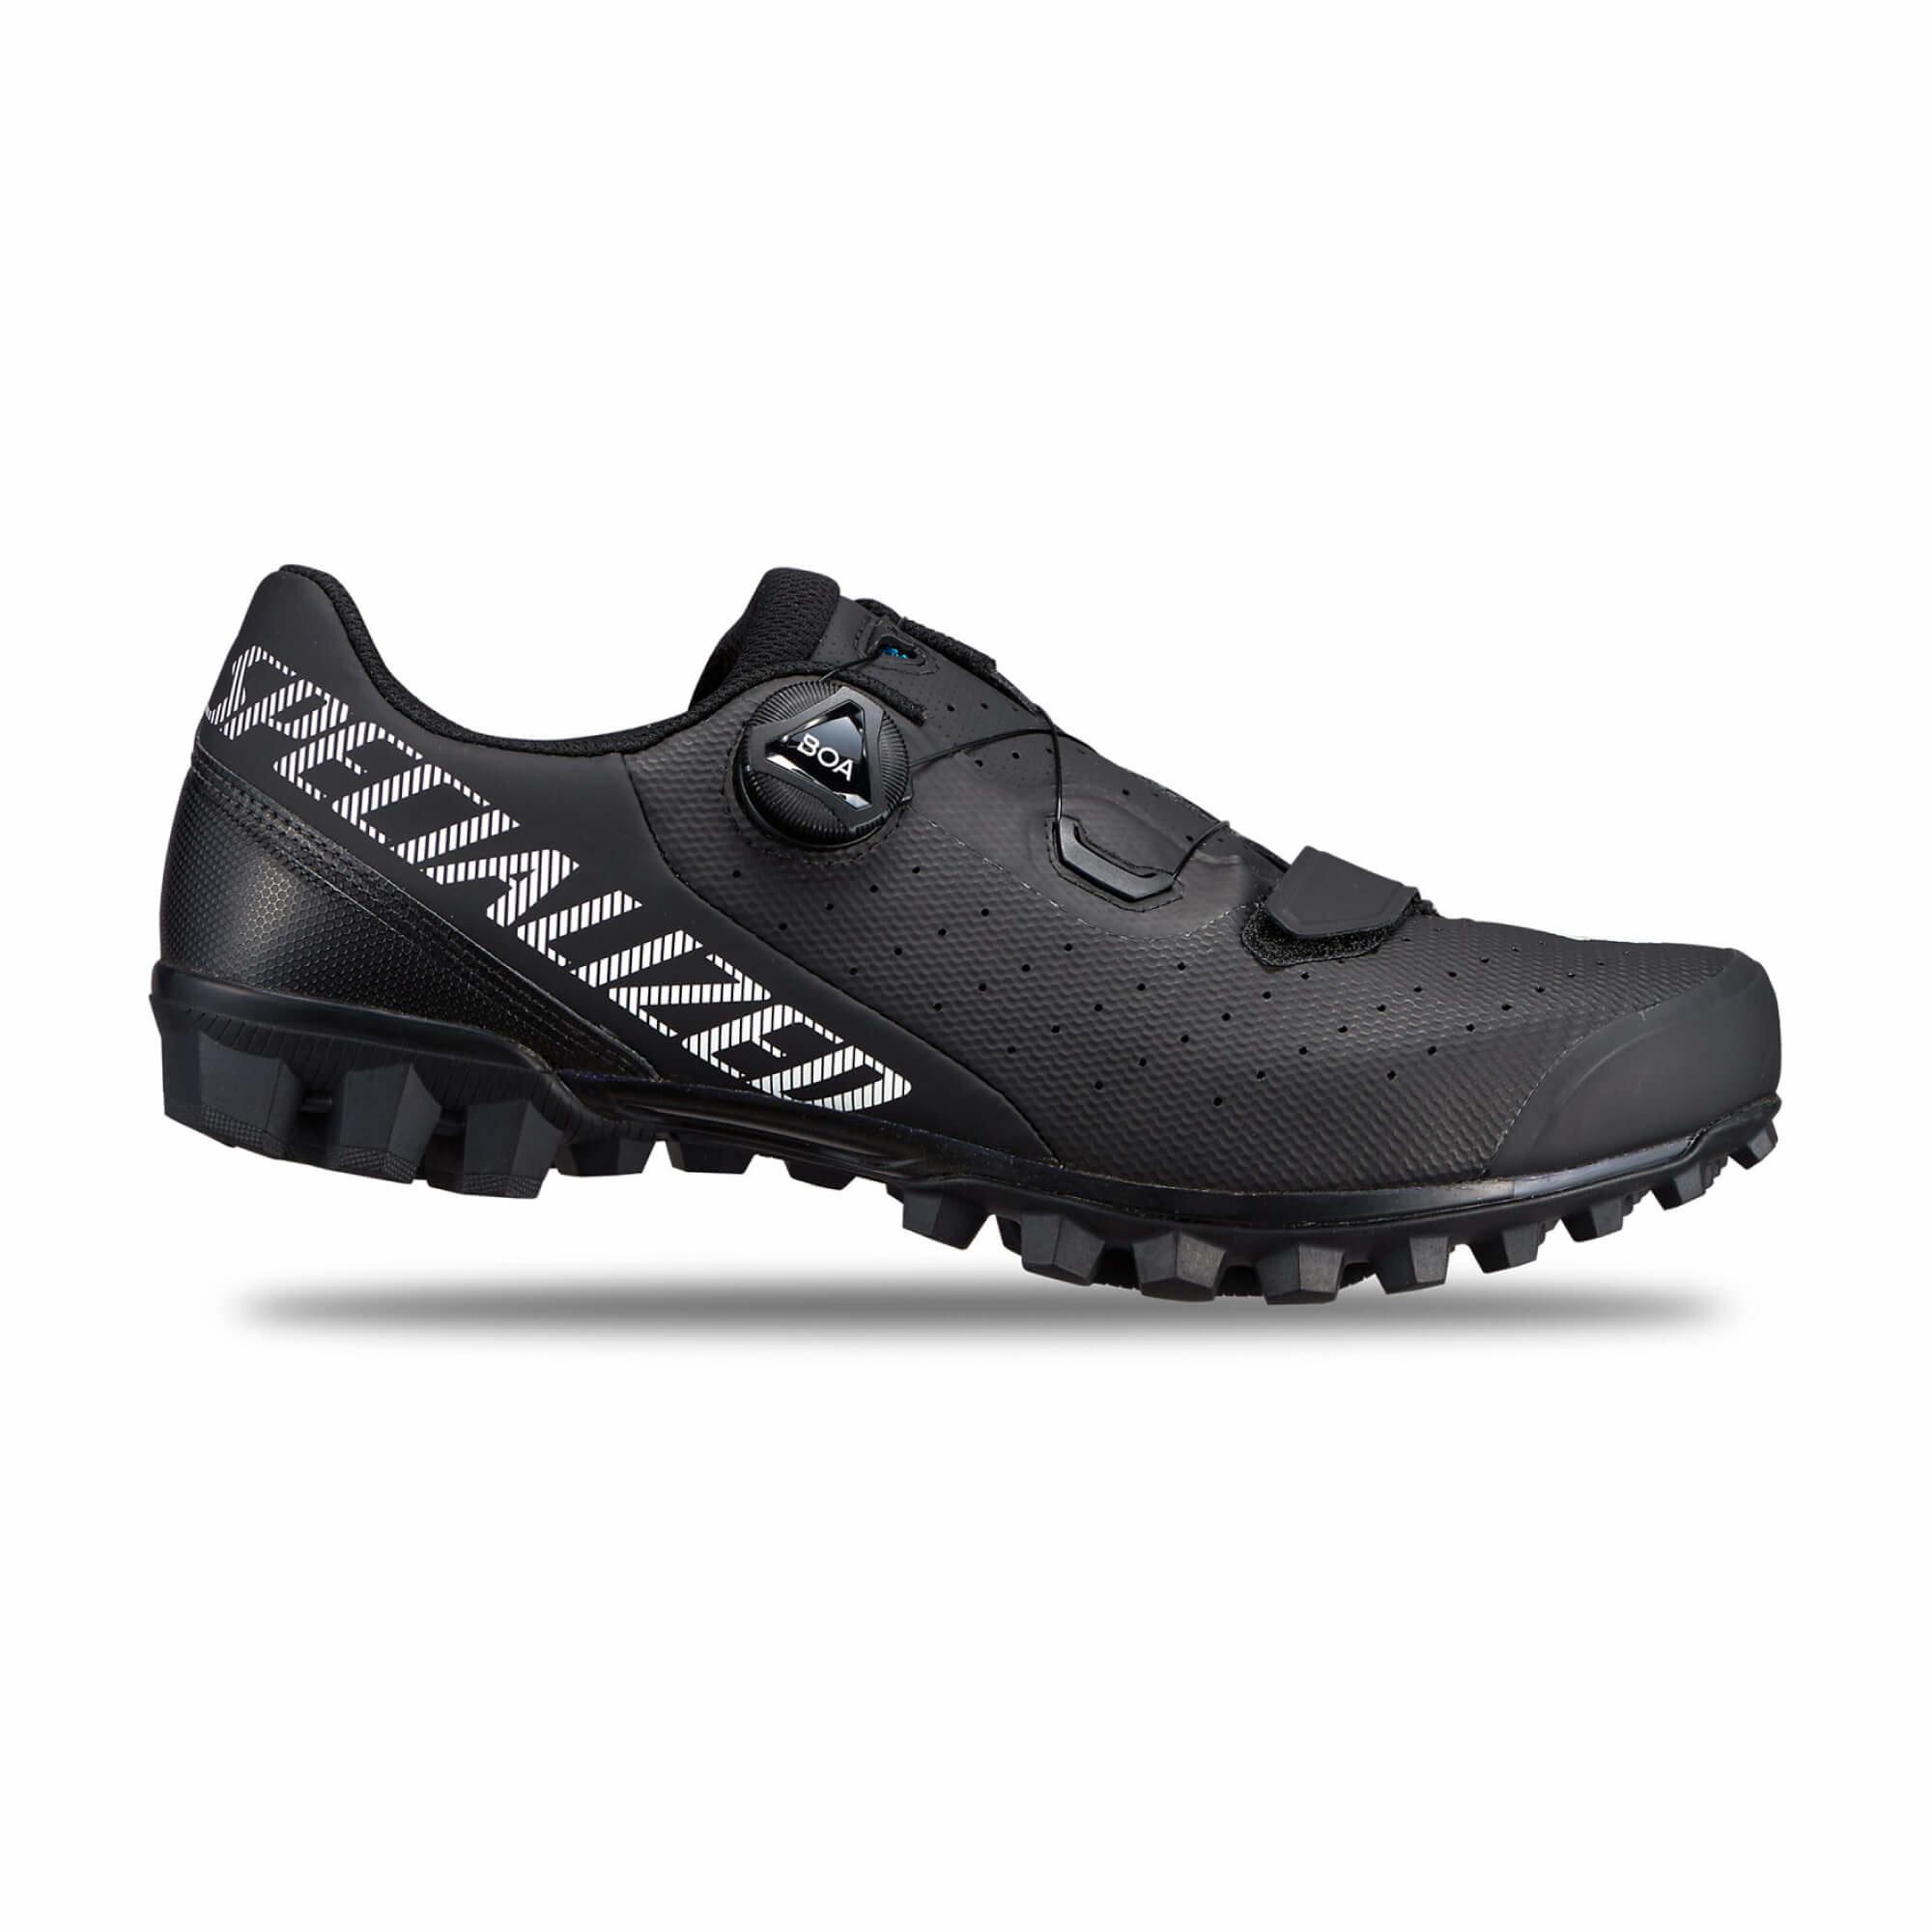 Recon 2.0 Mountain Bike Shoes-12